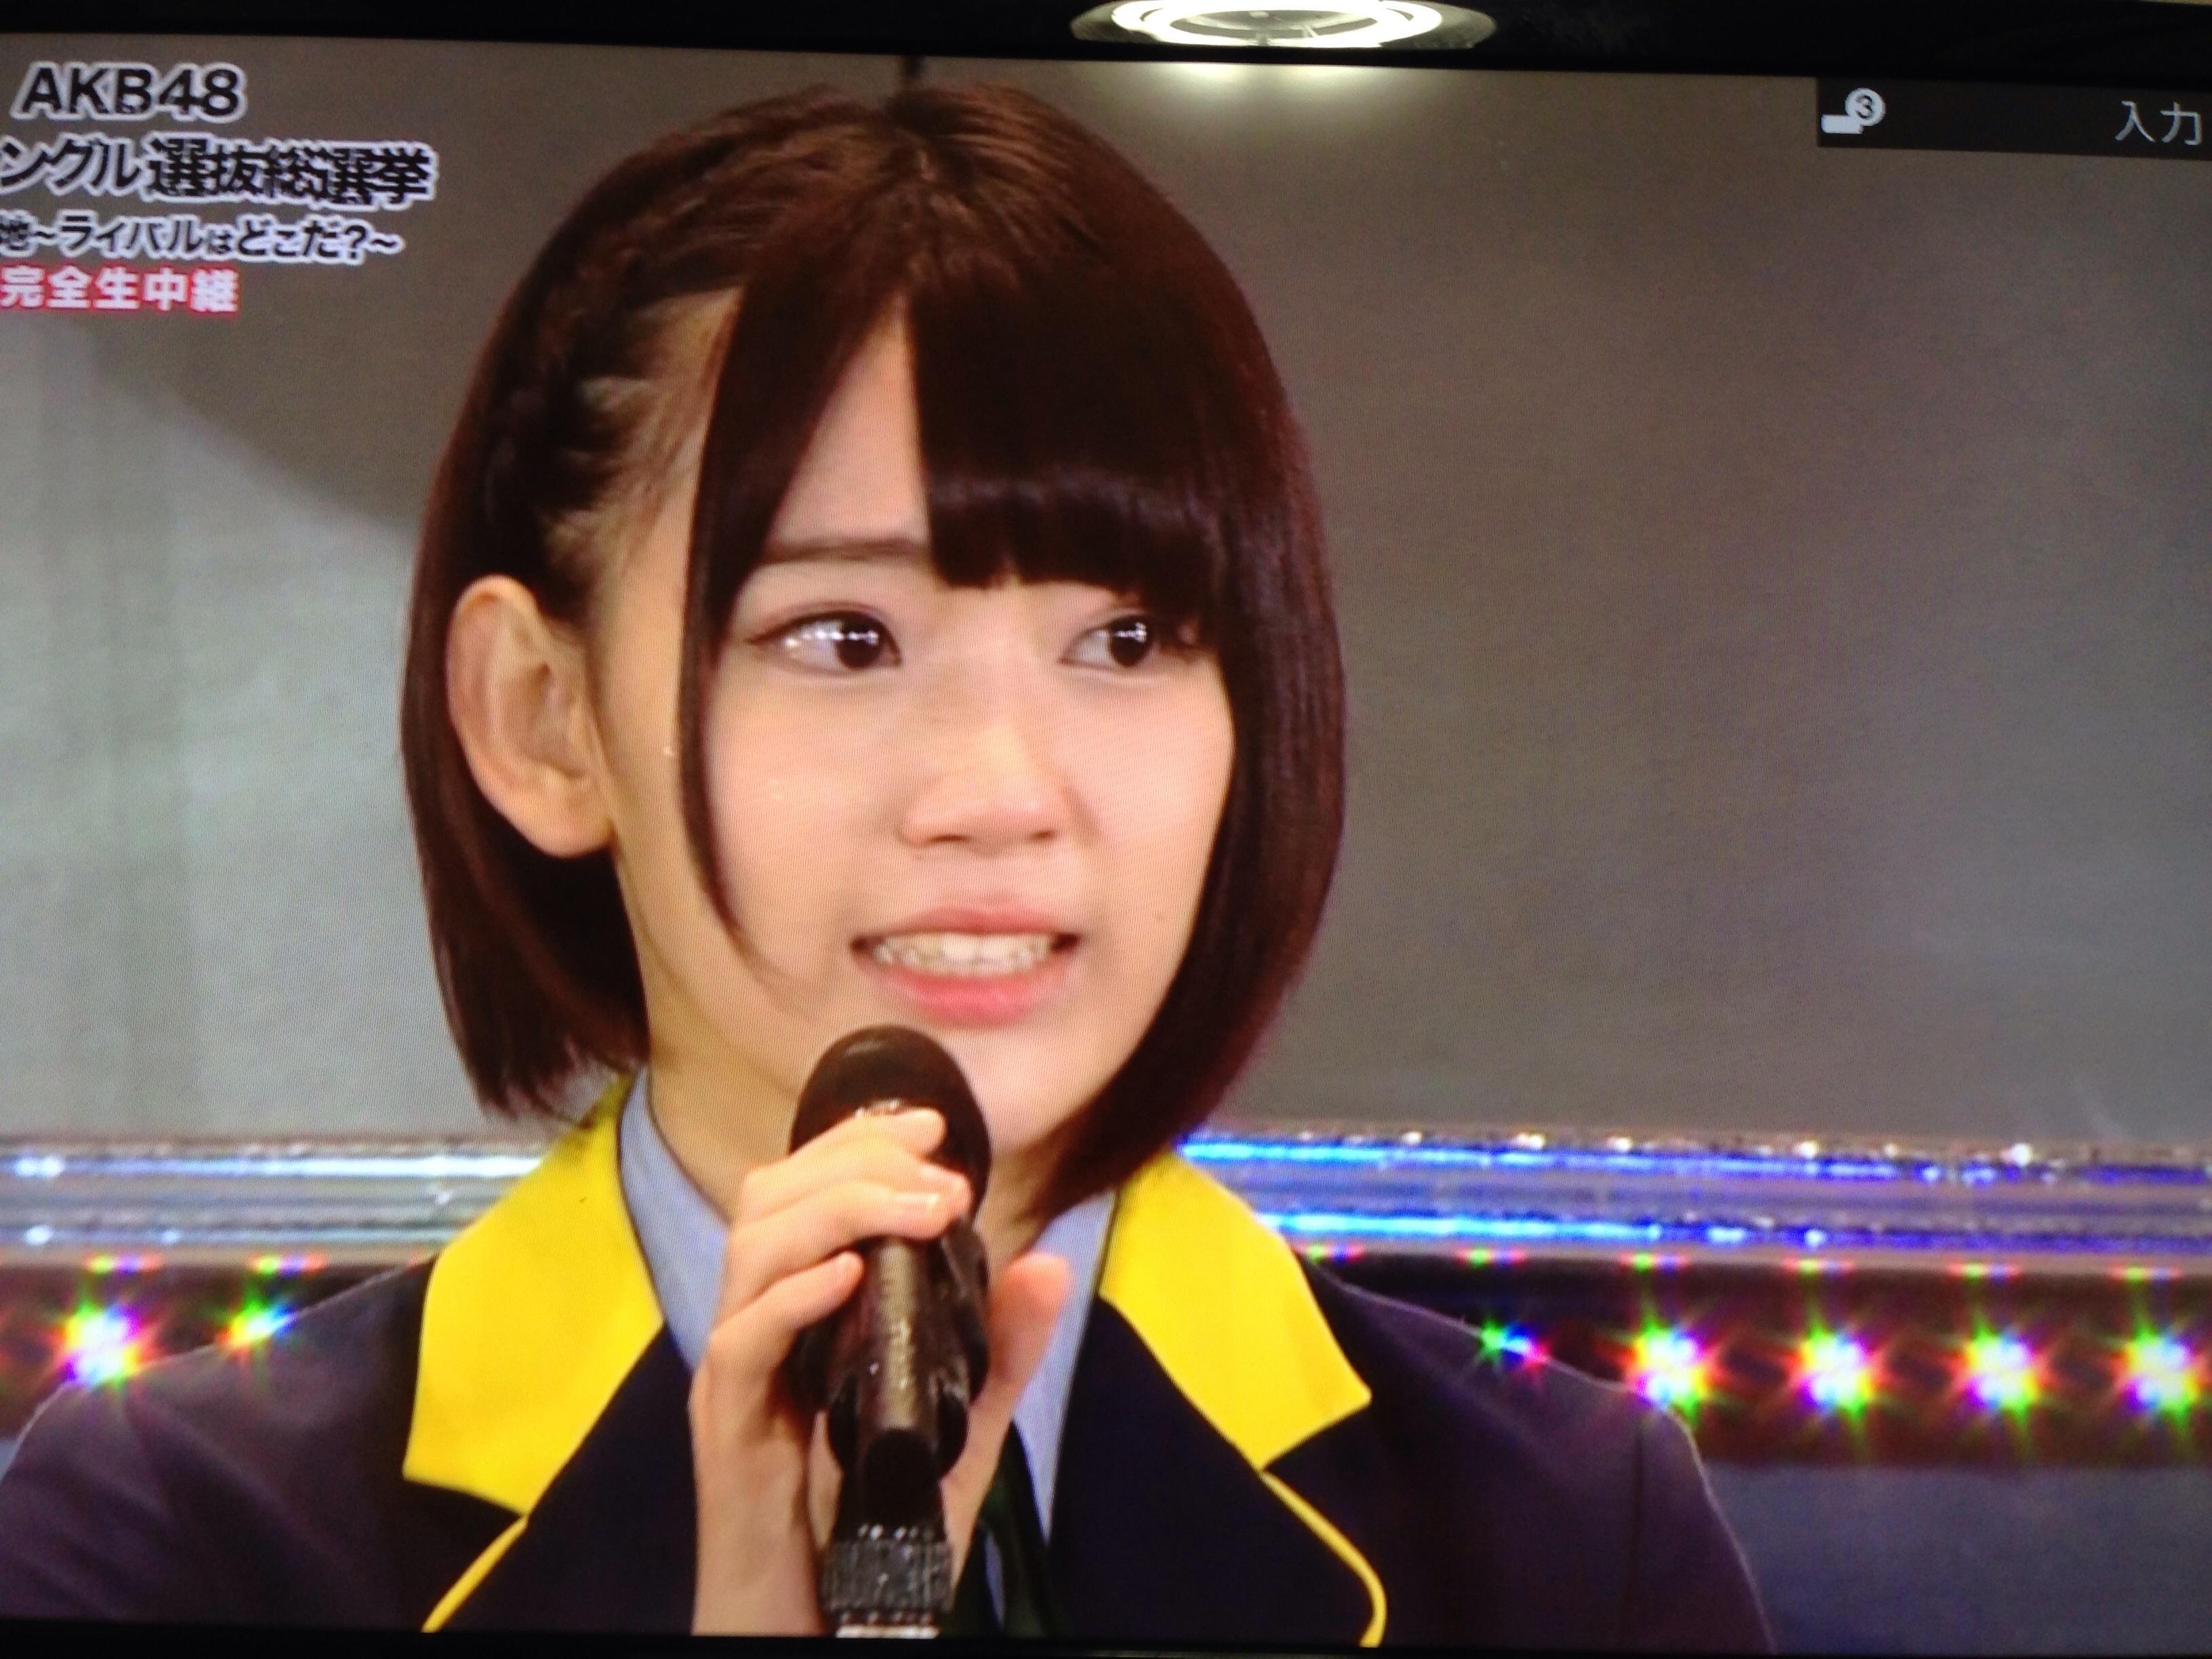 着実に順位アップ!宮脇咲良のシングル選抜総選挙をまとめてみた!のサムネイル画像